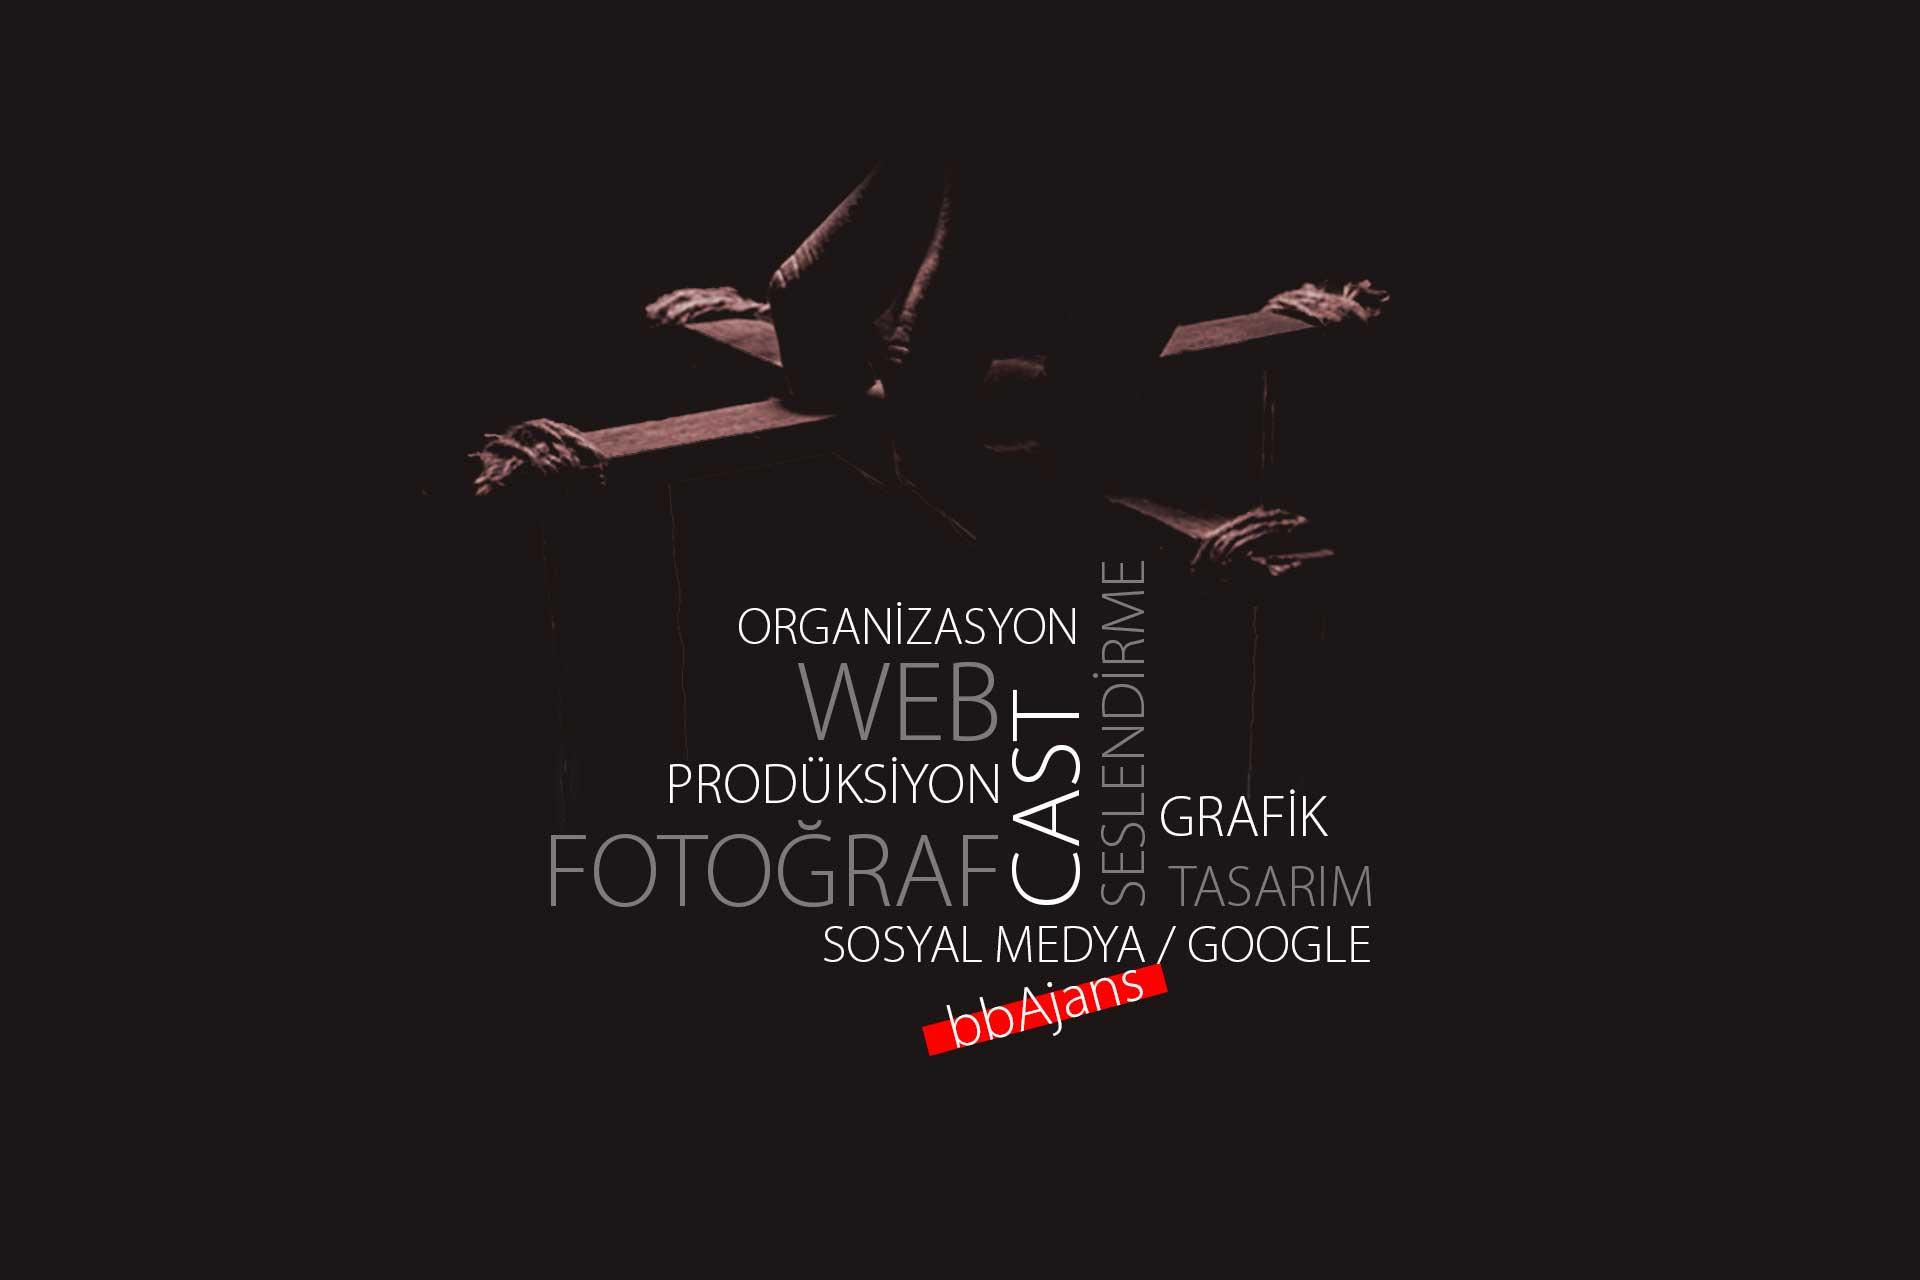 bbAjans Ankara Medya Prodüksiyon Cast Model Seslendirme Sosyal Medya Fotoğraf Grafik Tasarım Ürün fotoğraf çekimi Web Sayfası Google ads Danışmanlık Oyunculuk